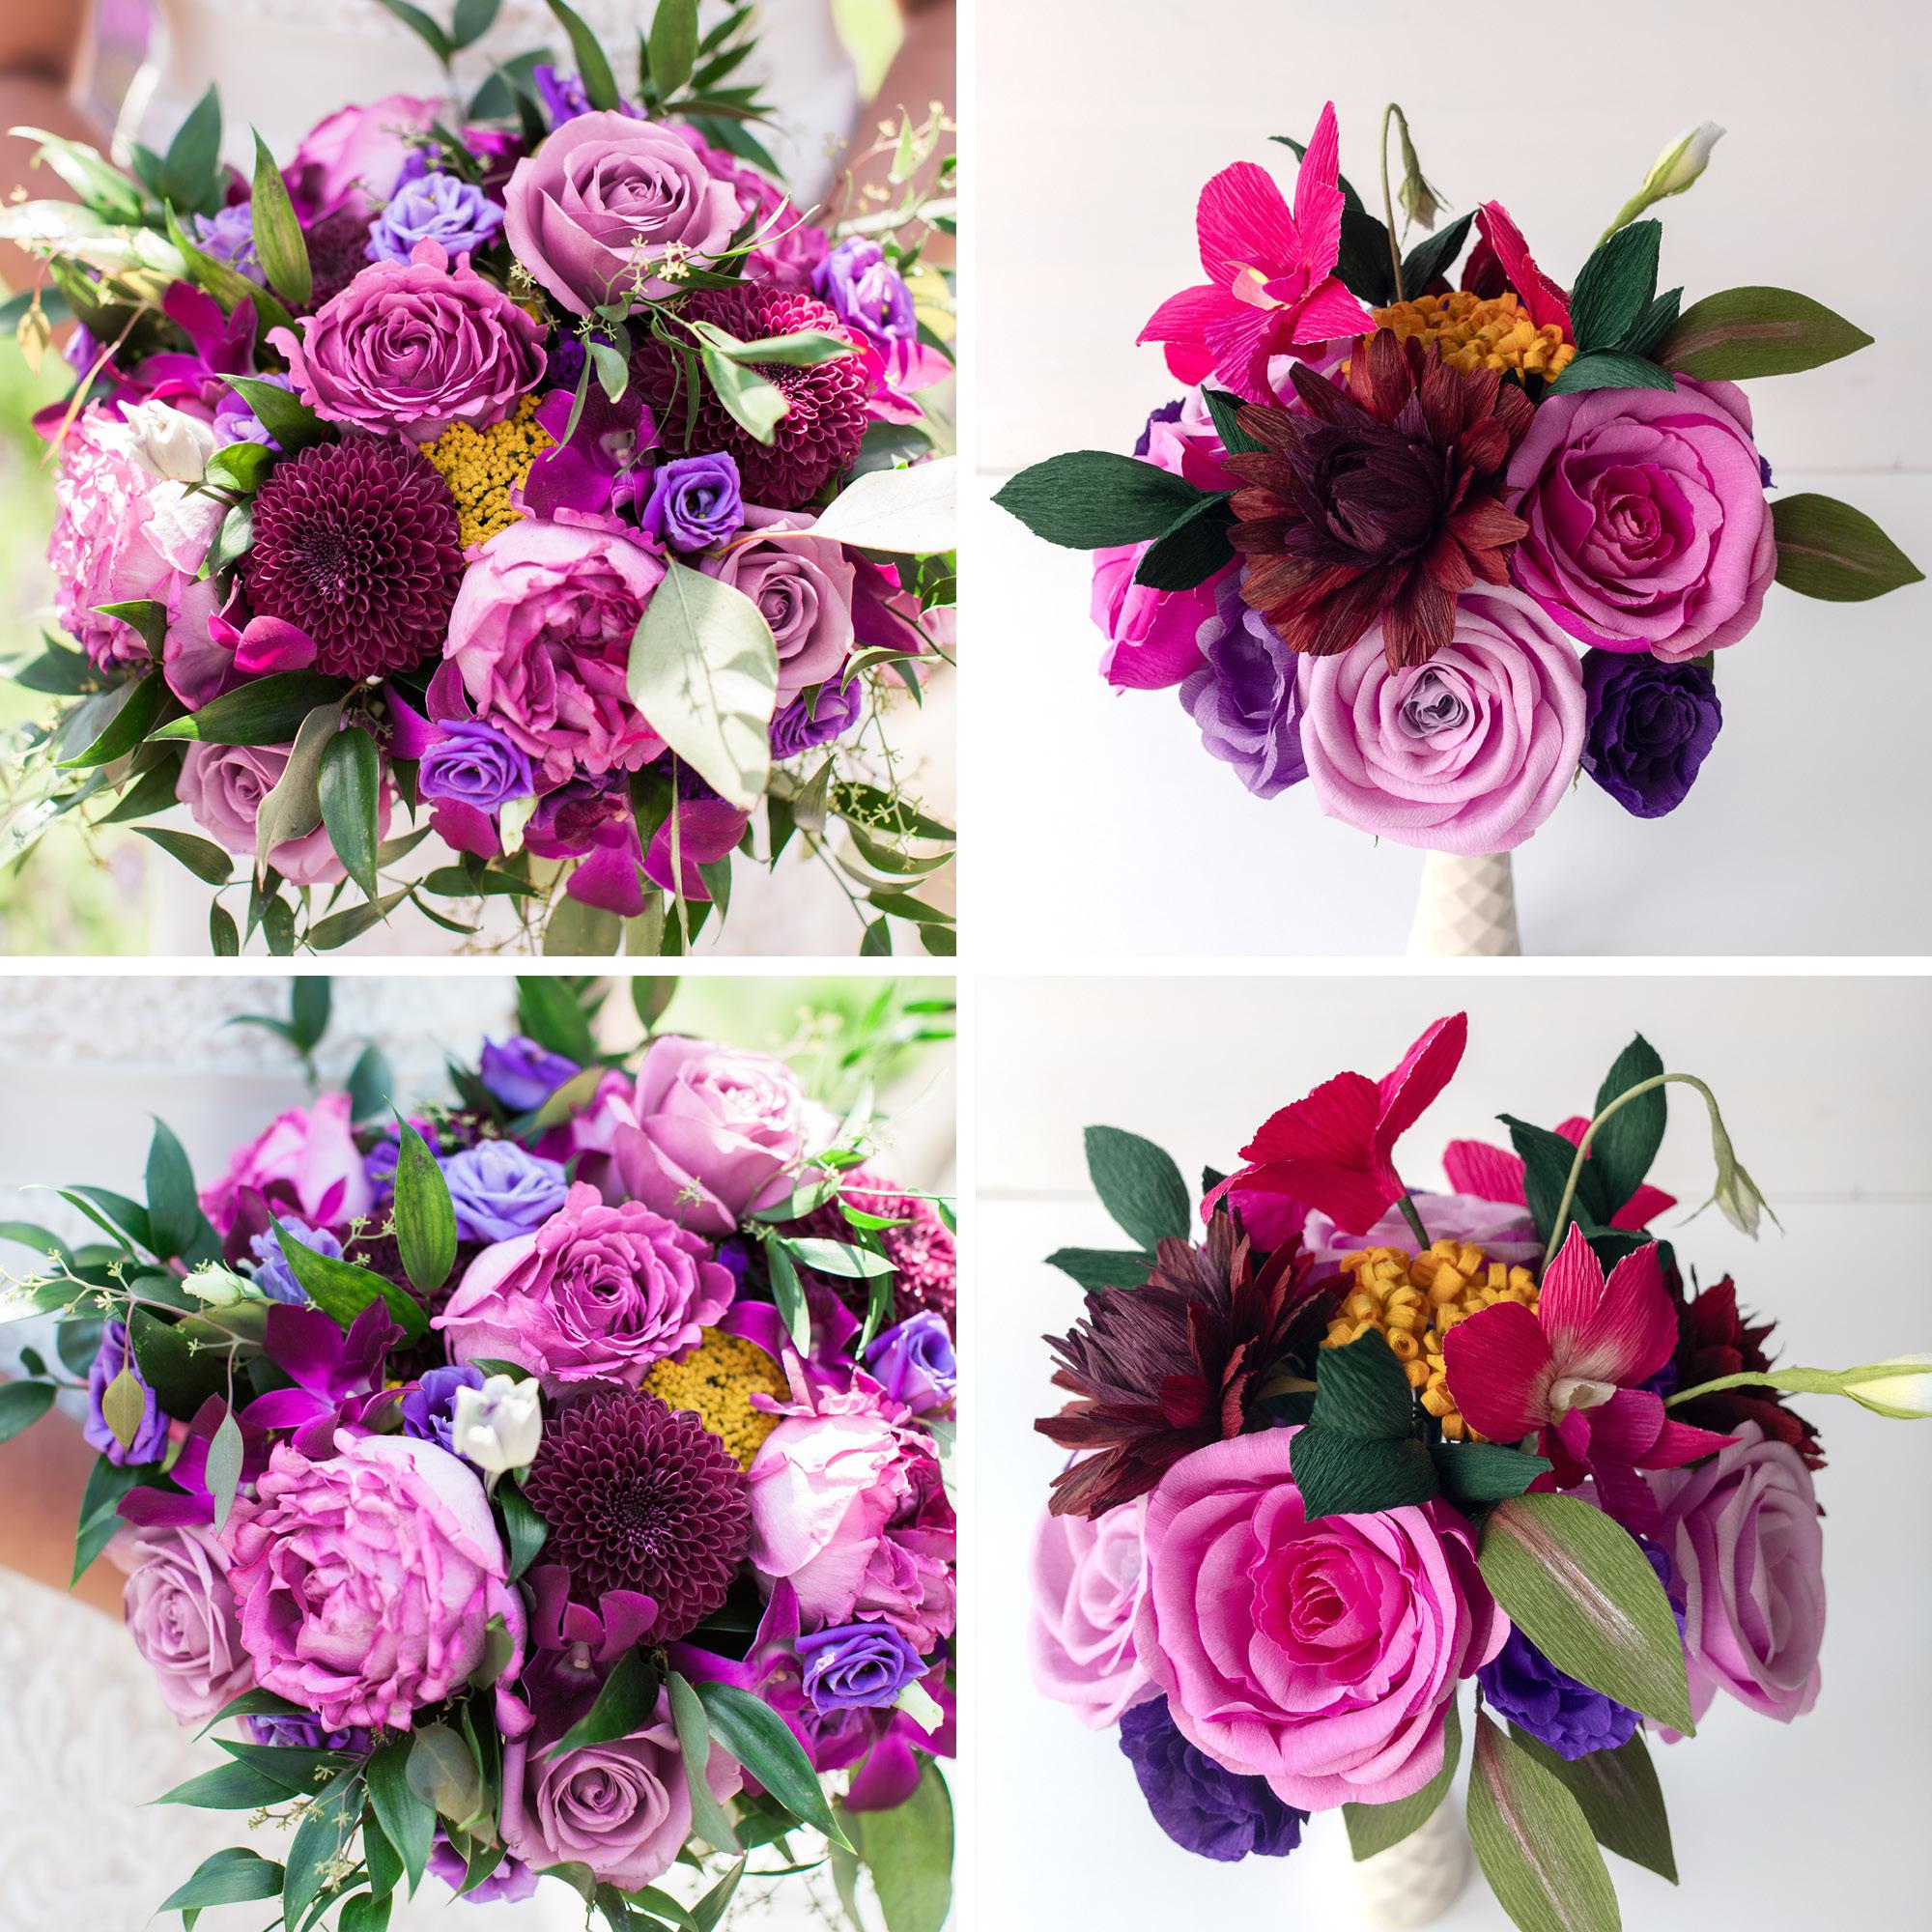 Paper Rose Co. Wedding Bouquet Recreation Comparison